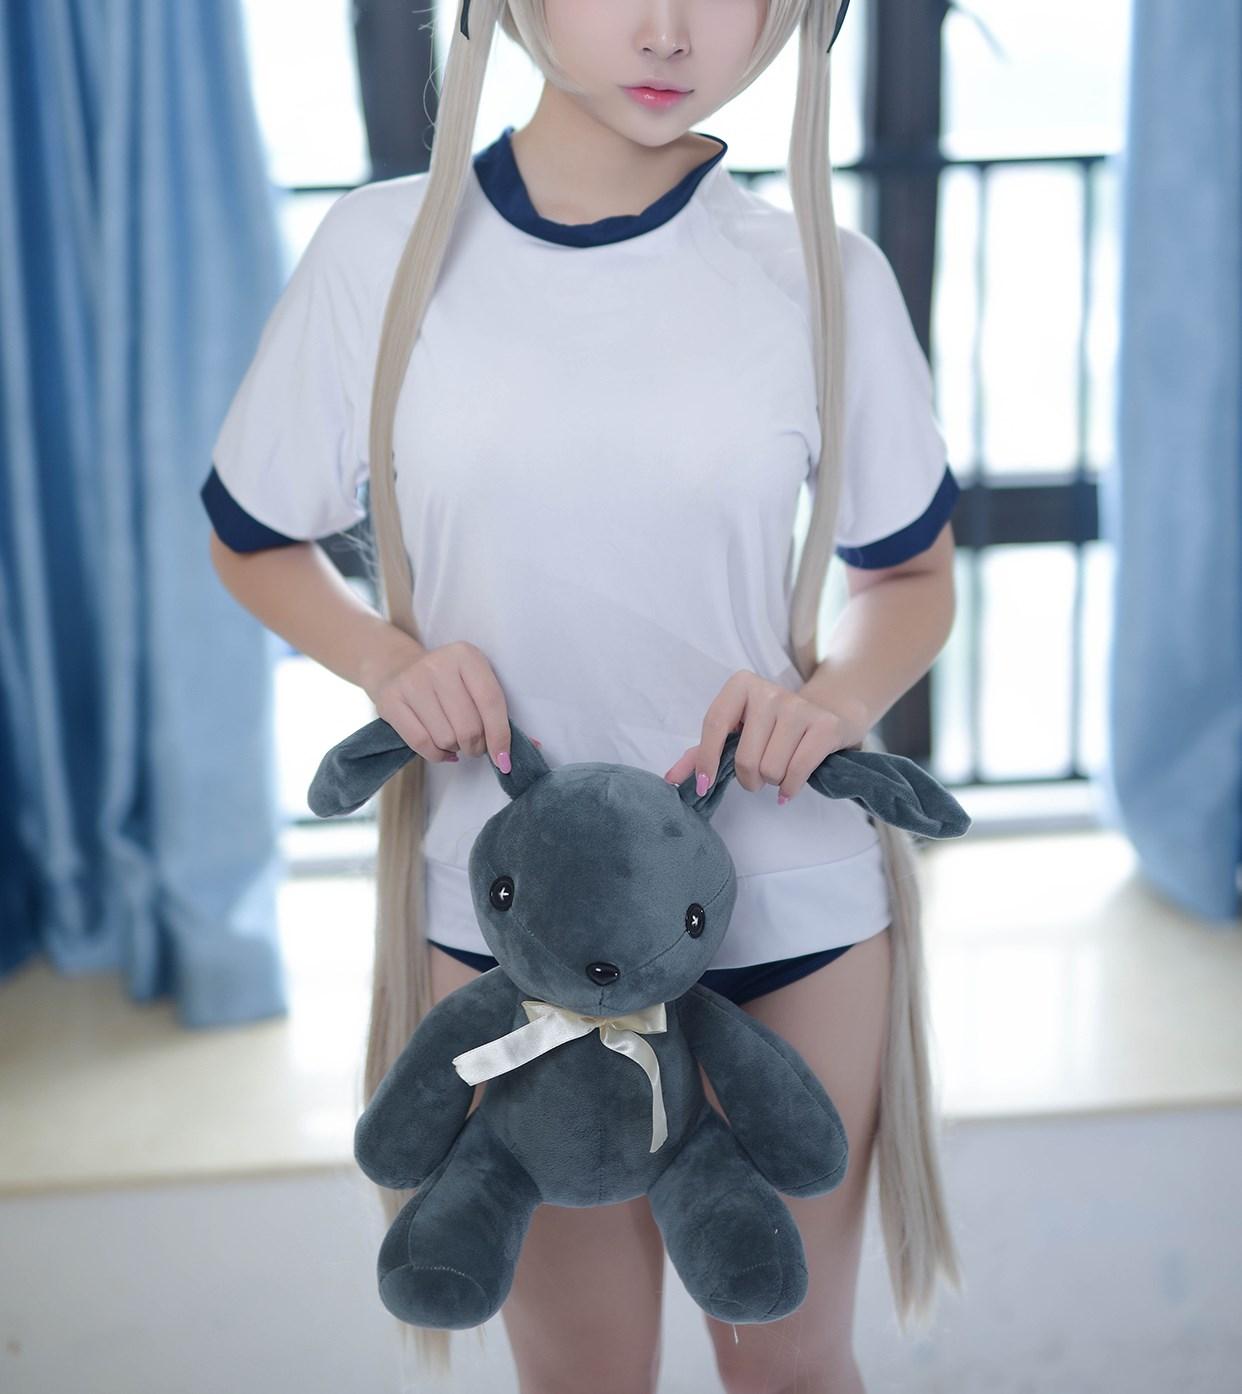 【兔玩映画】体操服穹妹与初音未来 兔玩映画 第28张